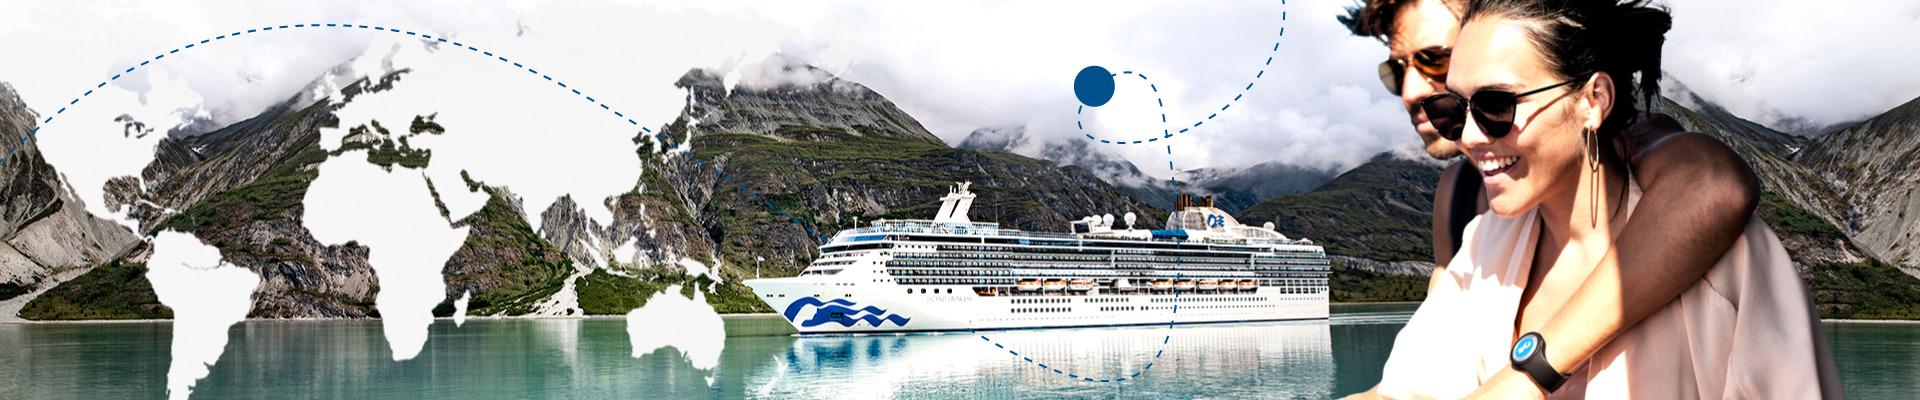 ¡Gran vuelta al mundo 2023 a bordo de Island Princess!